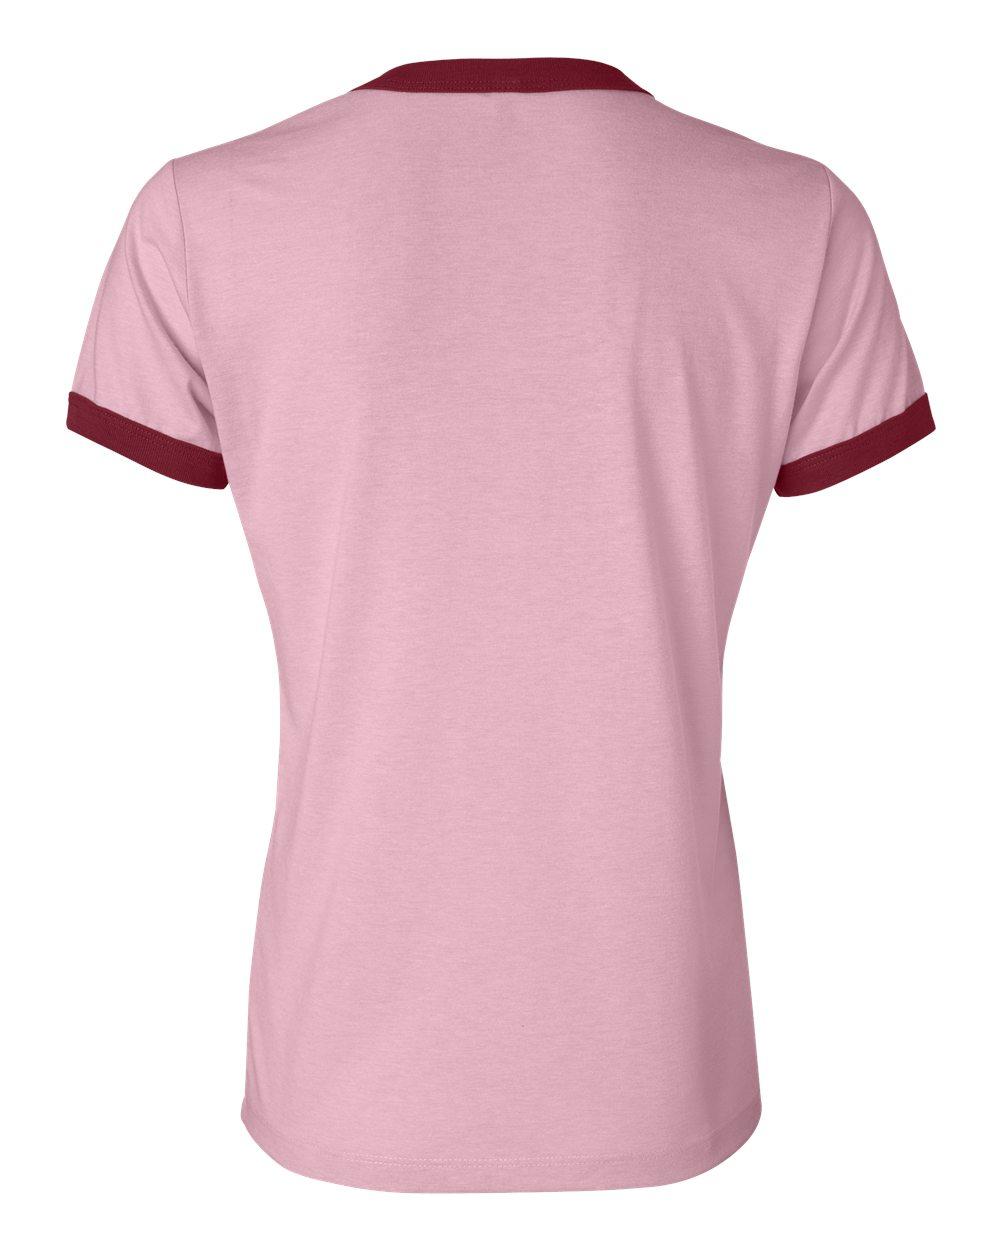 Bella-Canvas-Women-039-s-Jersey-Short-Sleeve-Ringer-T-Shirt-B6050-S-2XL thumbnail 11